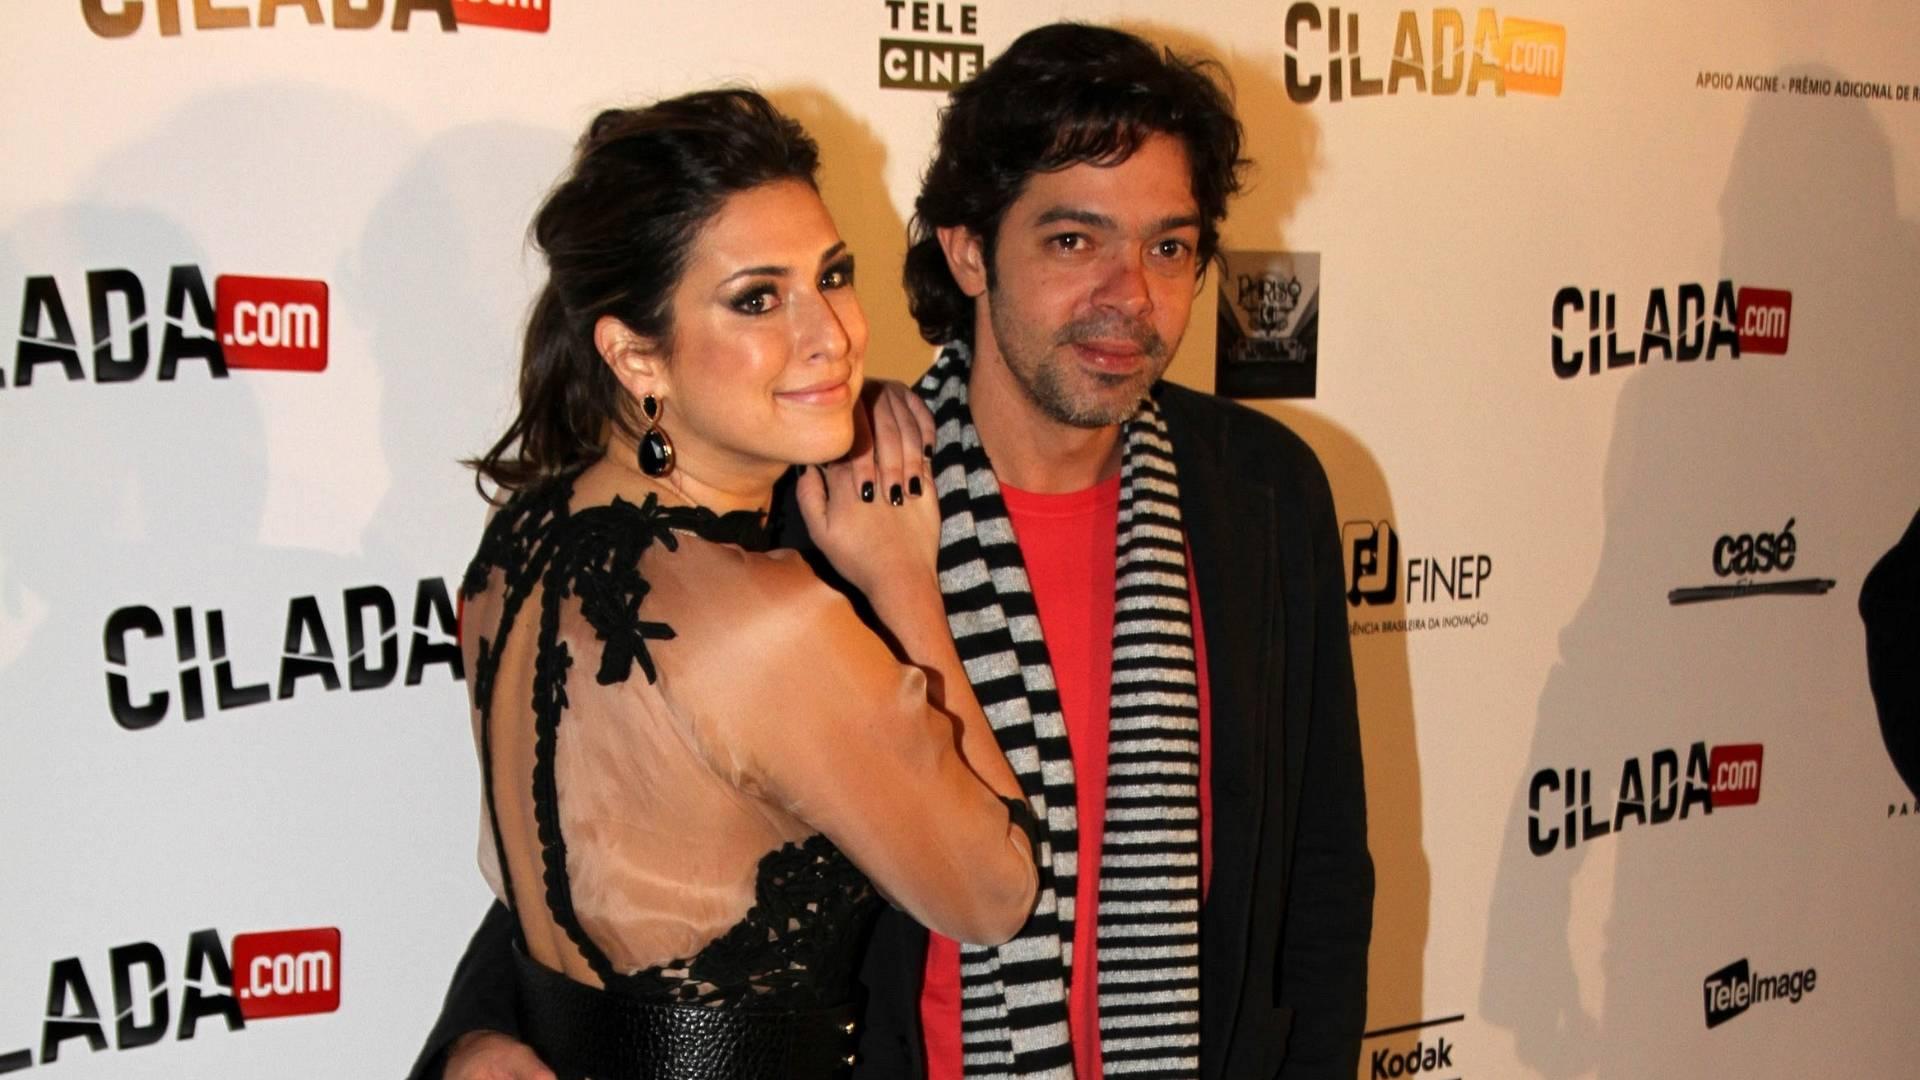 Fernanda Paes Leme e Bruno Mazzeo na pré-estreia de